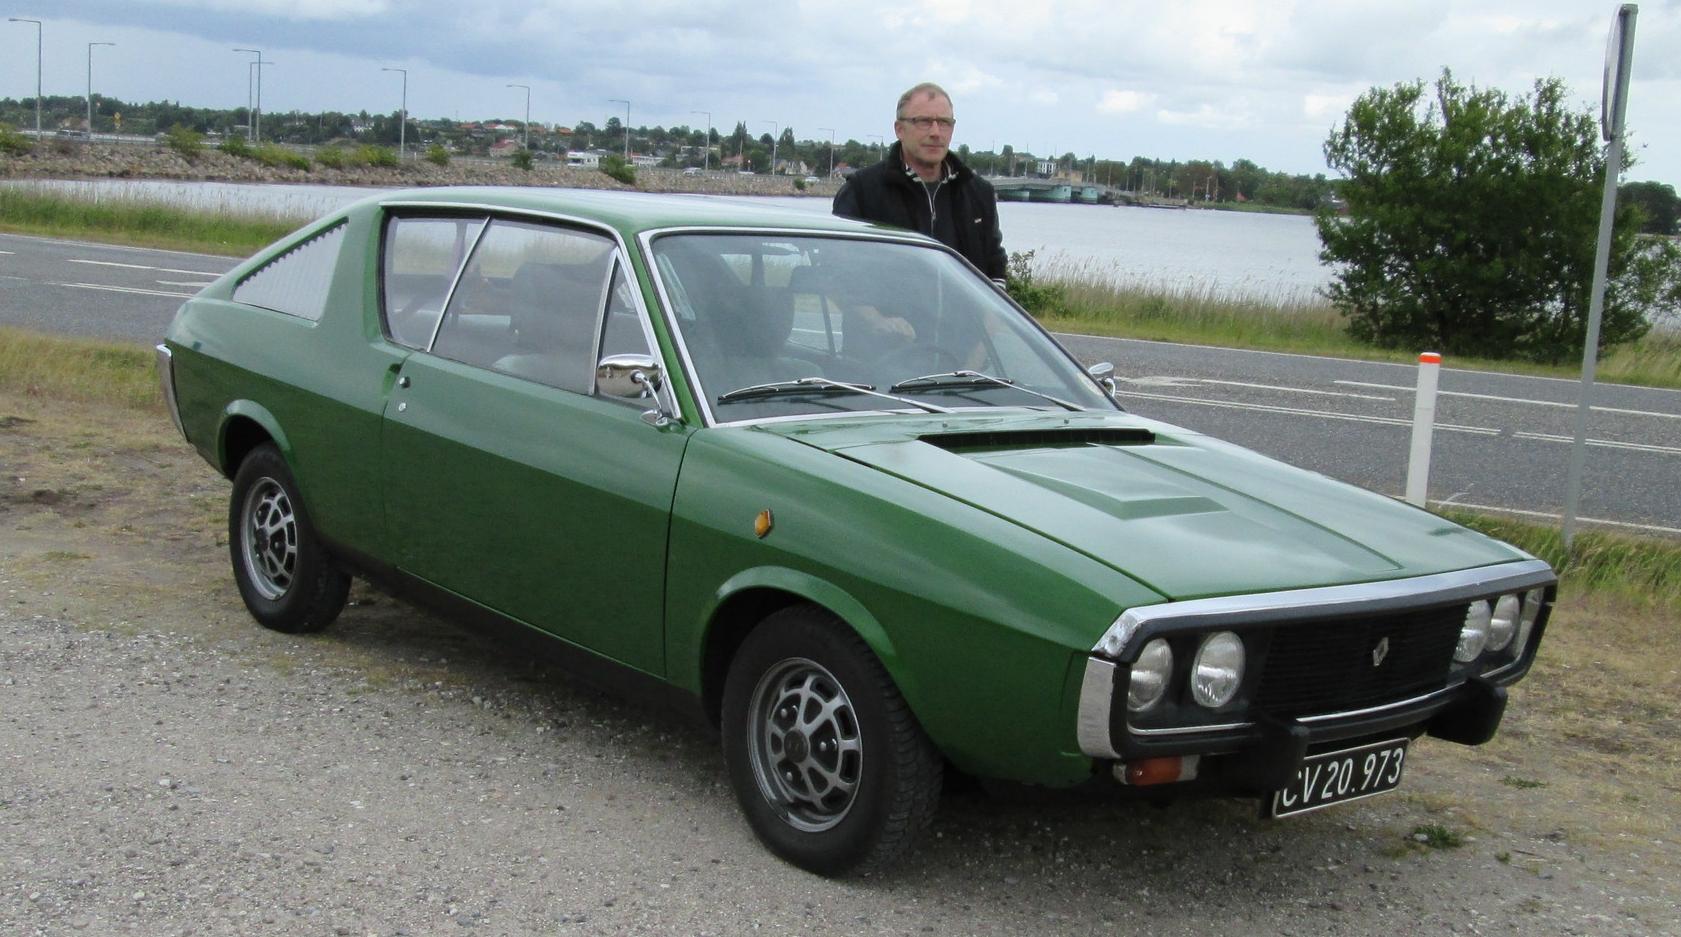 Denne dejlige R17TL årg. 1972 tilhører Steen Poulsen, der stod i lære hos aut. Renault-forhandler Gert Nielsen i Frederikssund – netop da R15/17 kom frem i de farverige 1970´ere!